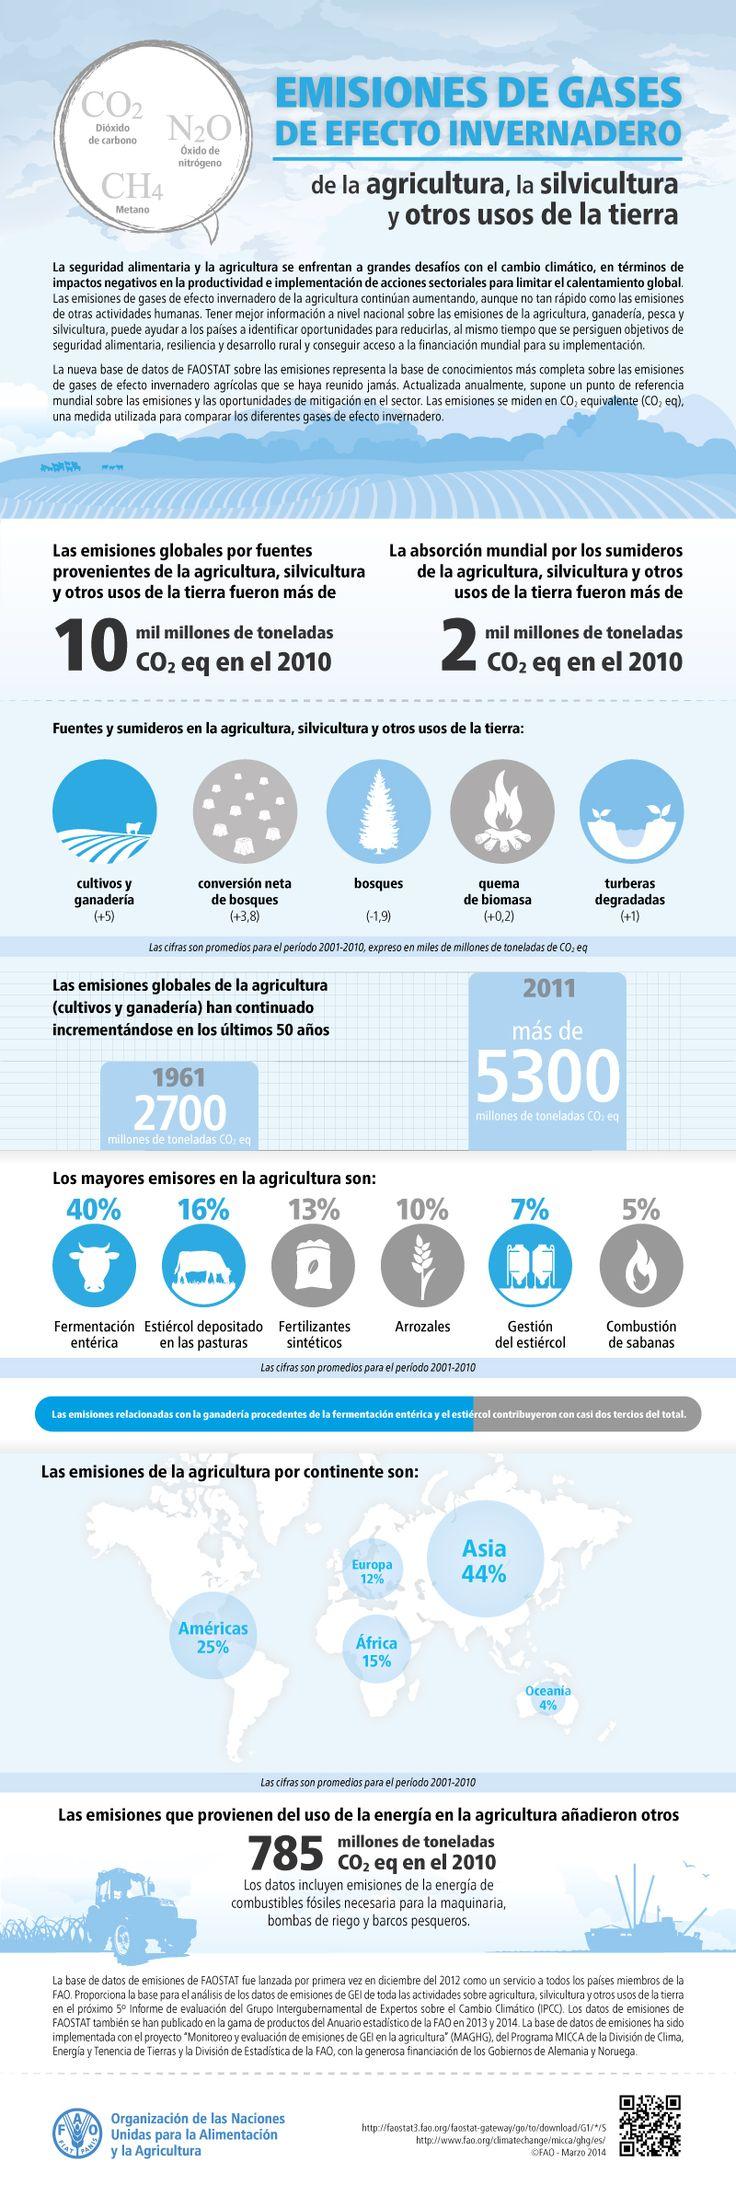 Tecnología y Mercado | Infografía sobre la emisión de gases invernadero derivados de la agricultura y el uso de la tierra - Tecnología y Mercado